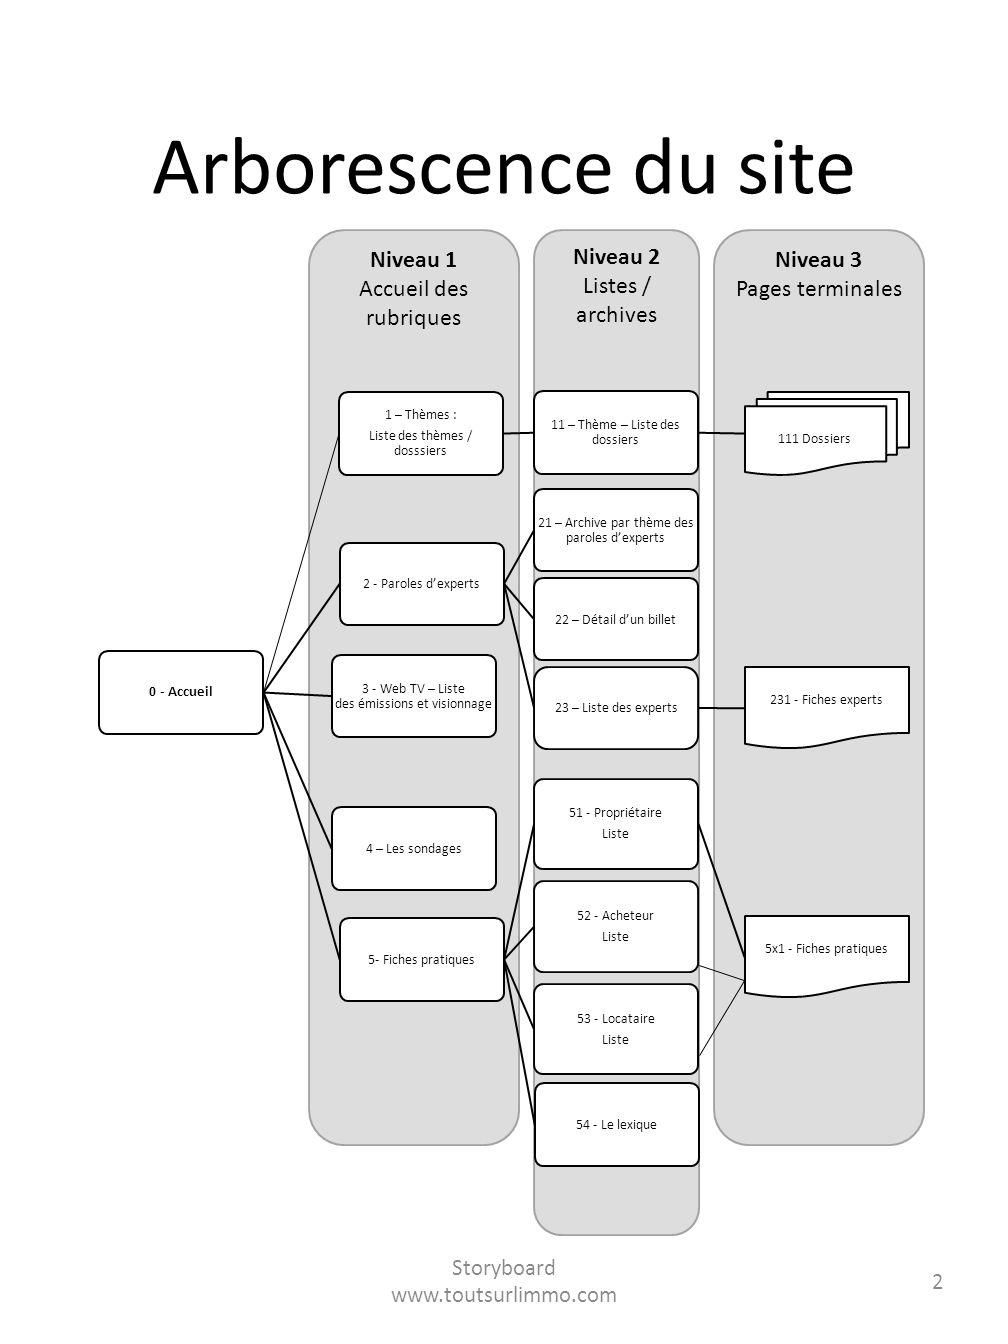 Niveau 3 Pages terminales Niveau 2 Listes / archives Niveau 1 Accueil des rubriques Arborescence du site Storyboard www.toutsurlimmo.com 2 0 - Accueil